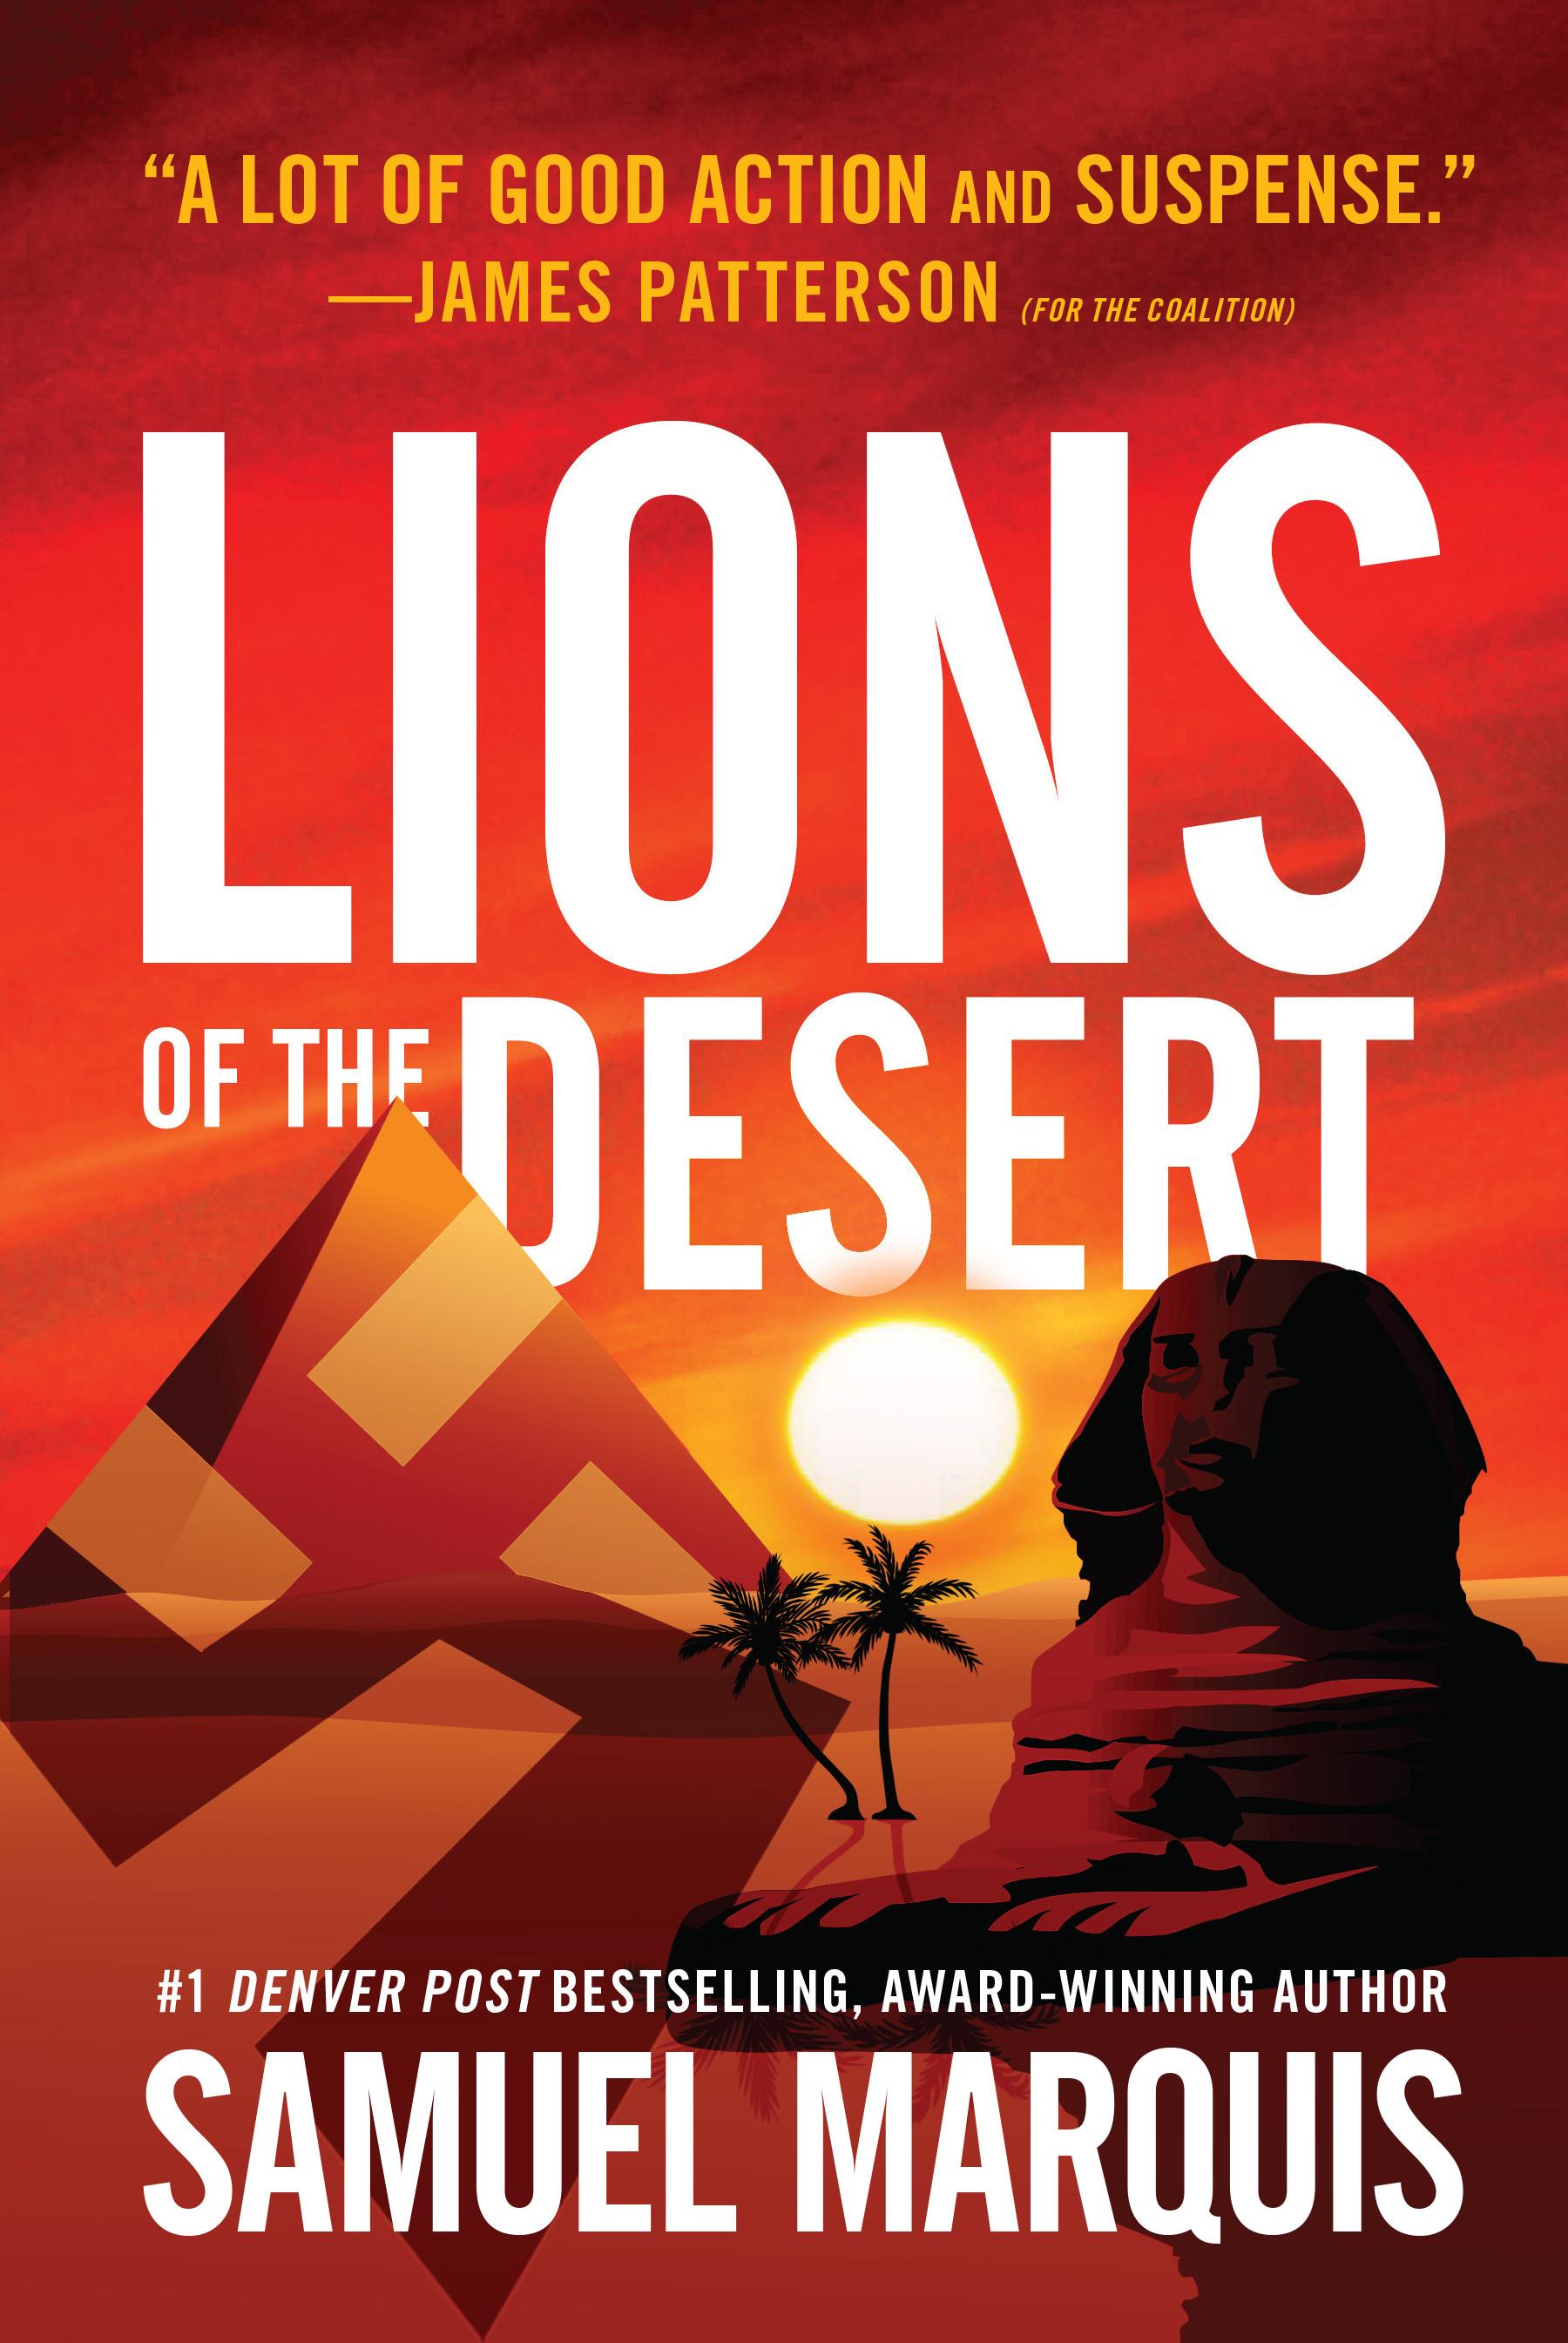 LionsofDesert__ebook (1).jpg